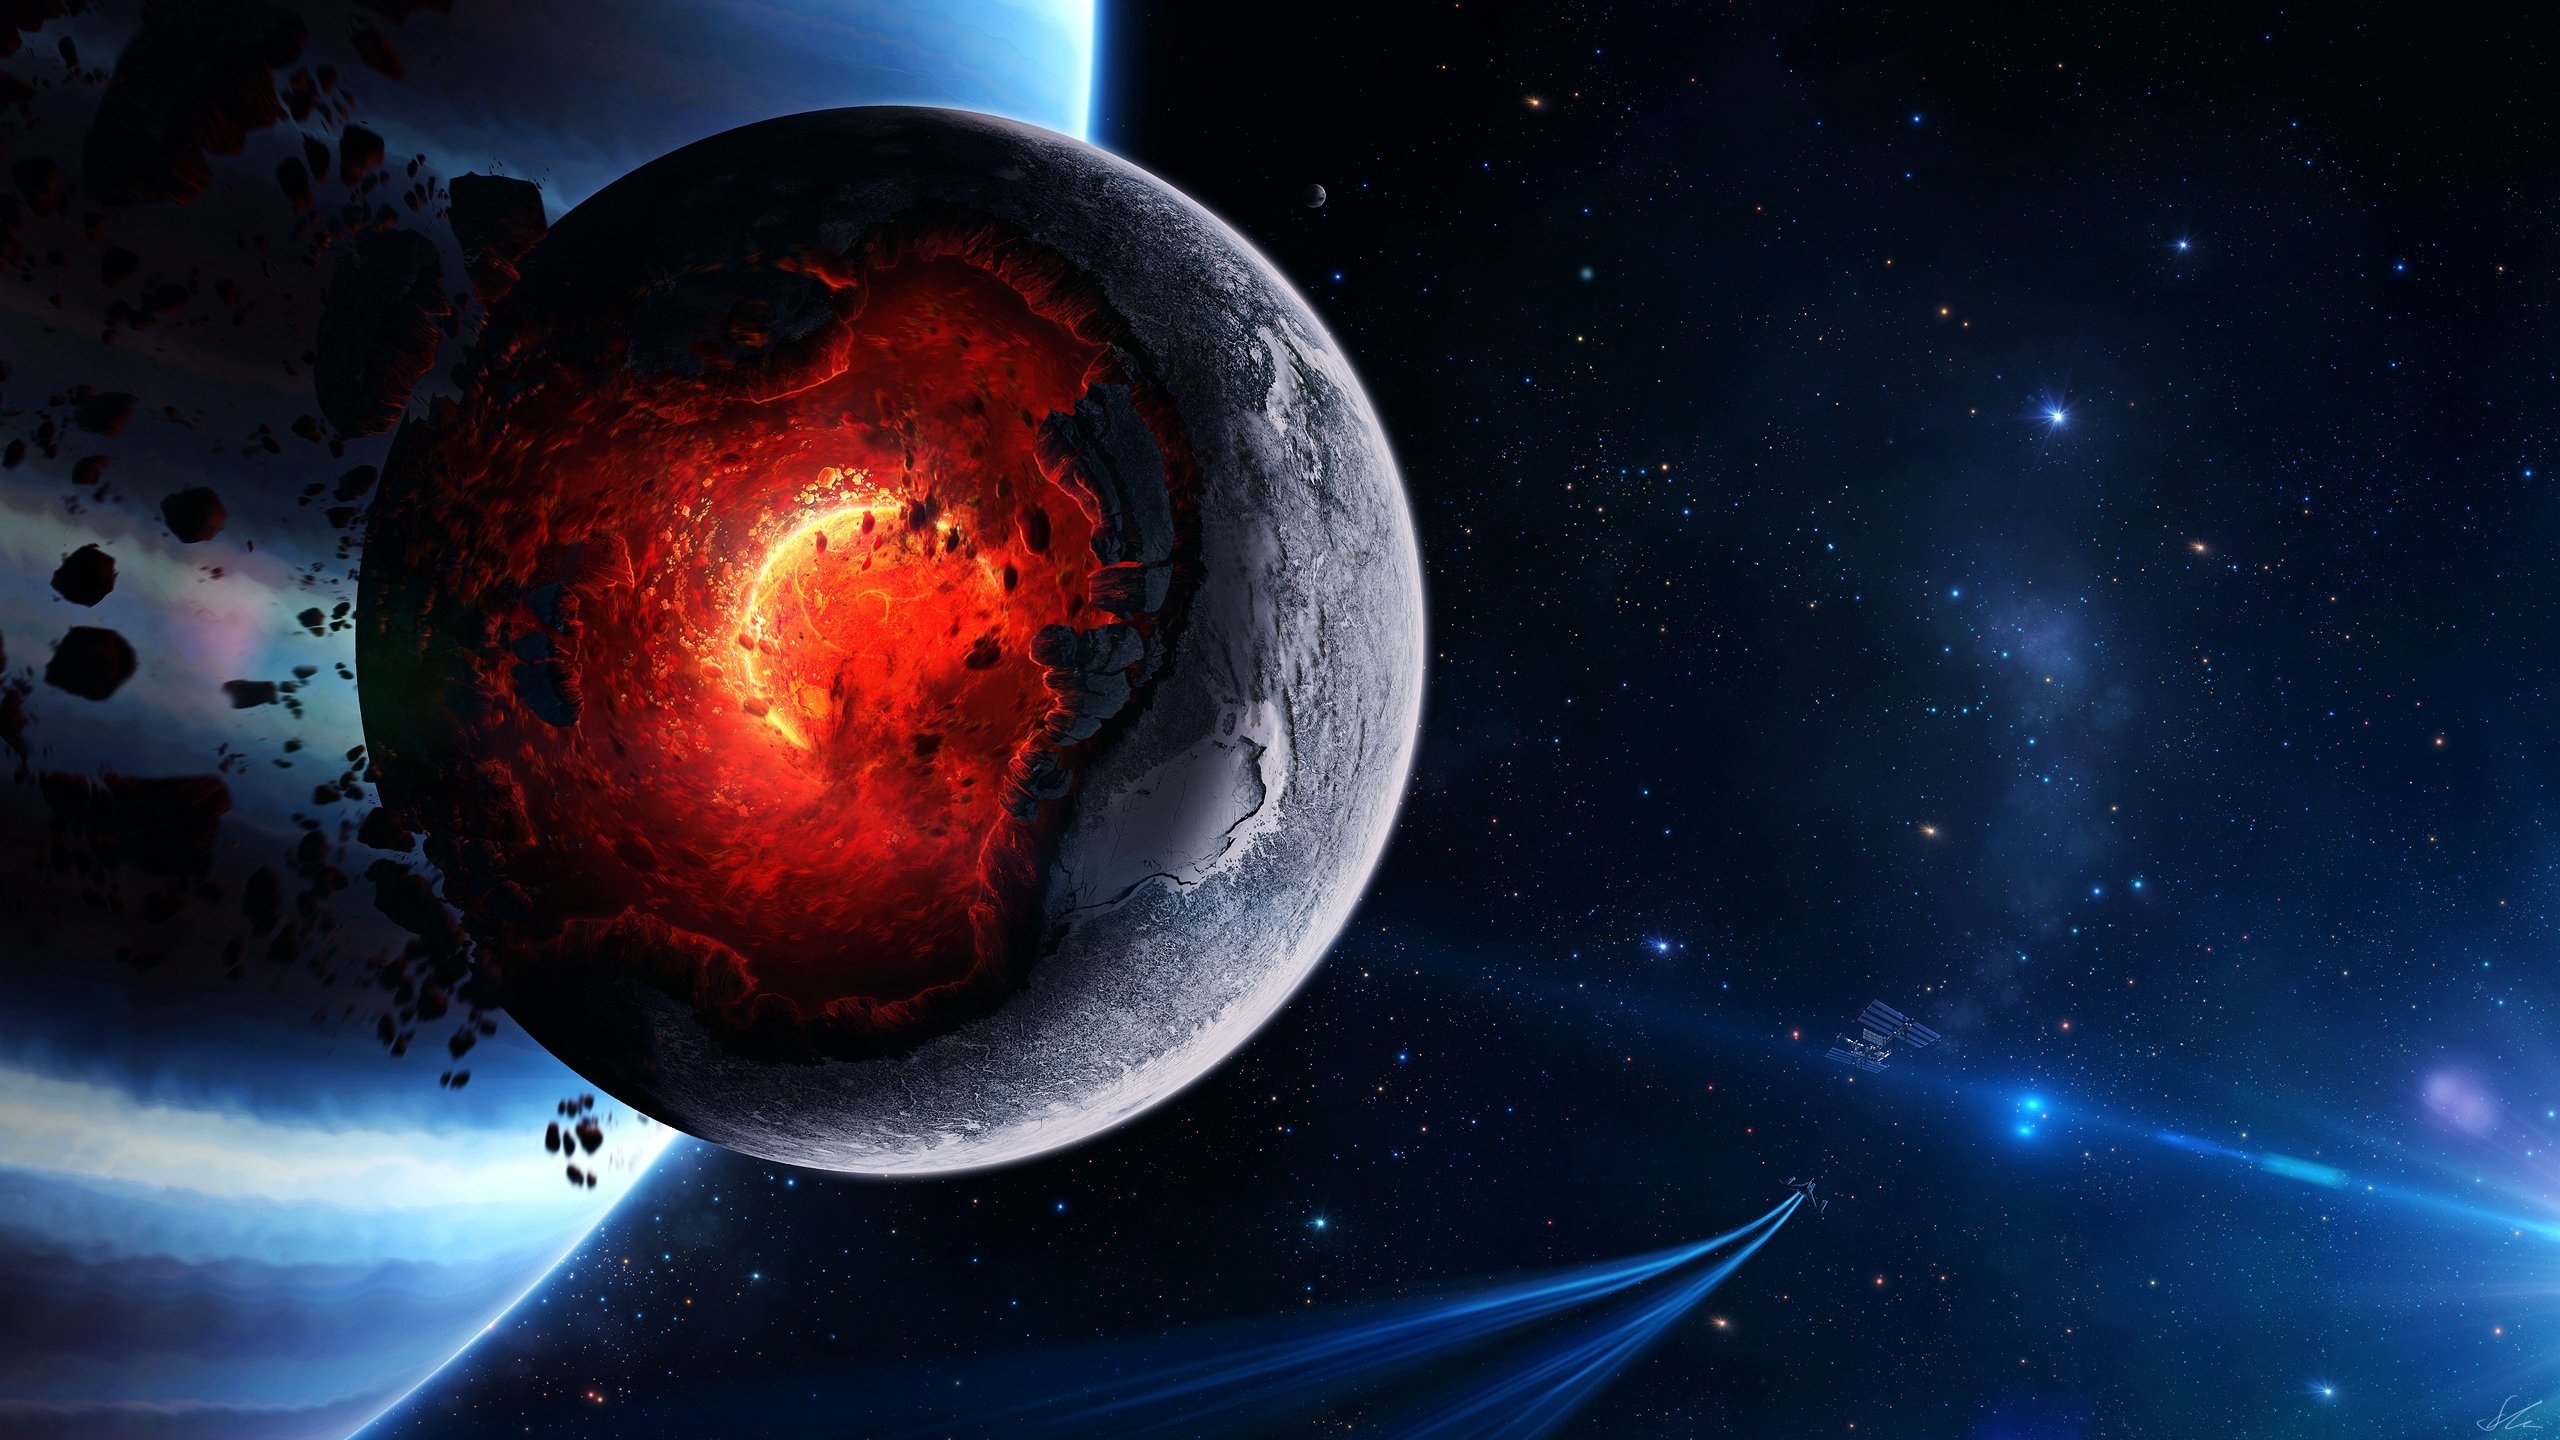 картинки на стол красивый космос, планеты, взрыв